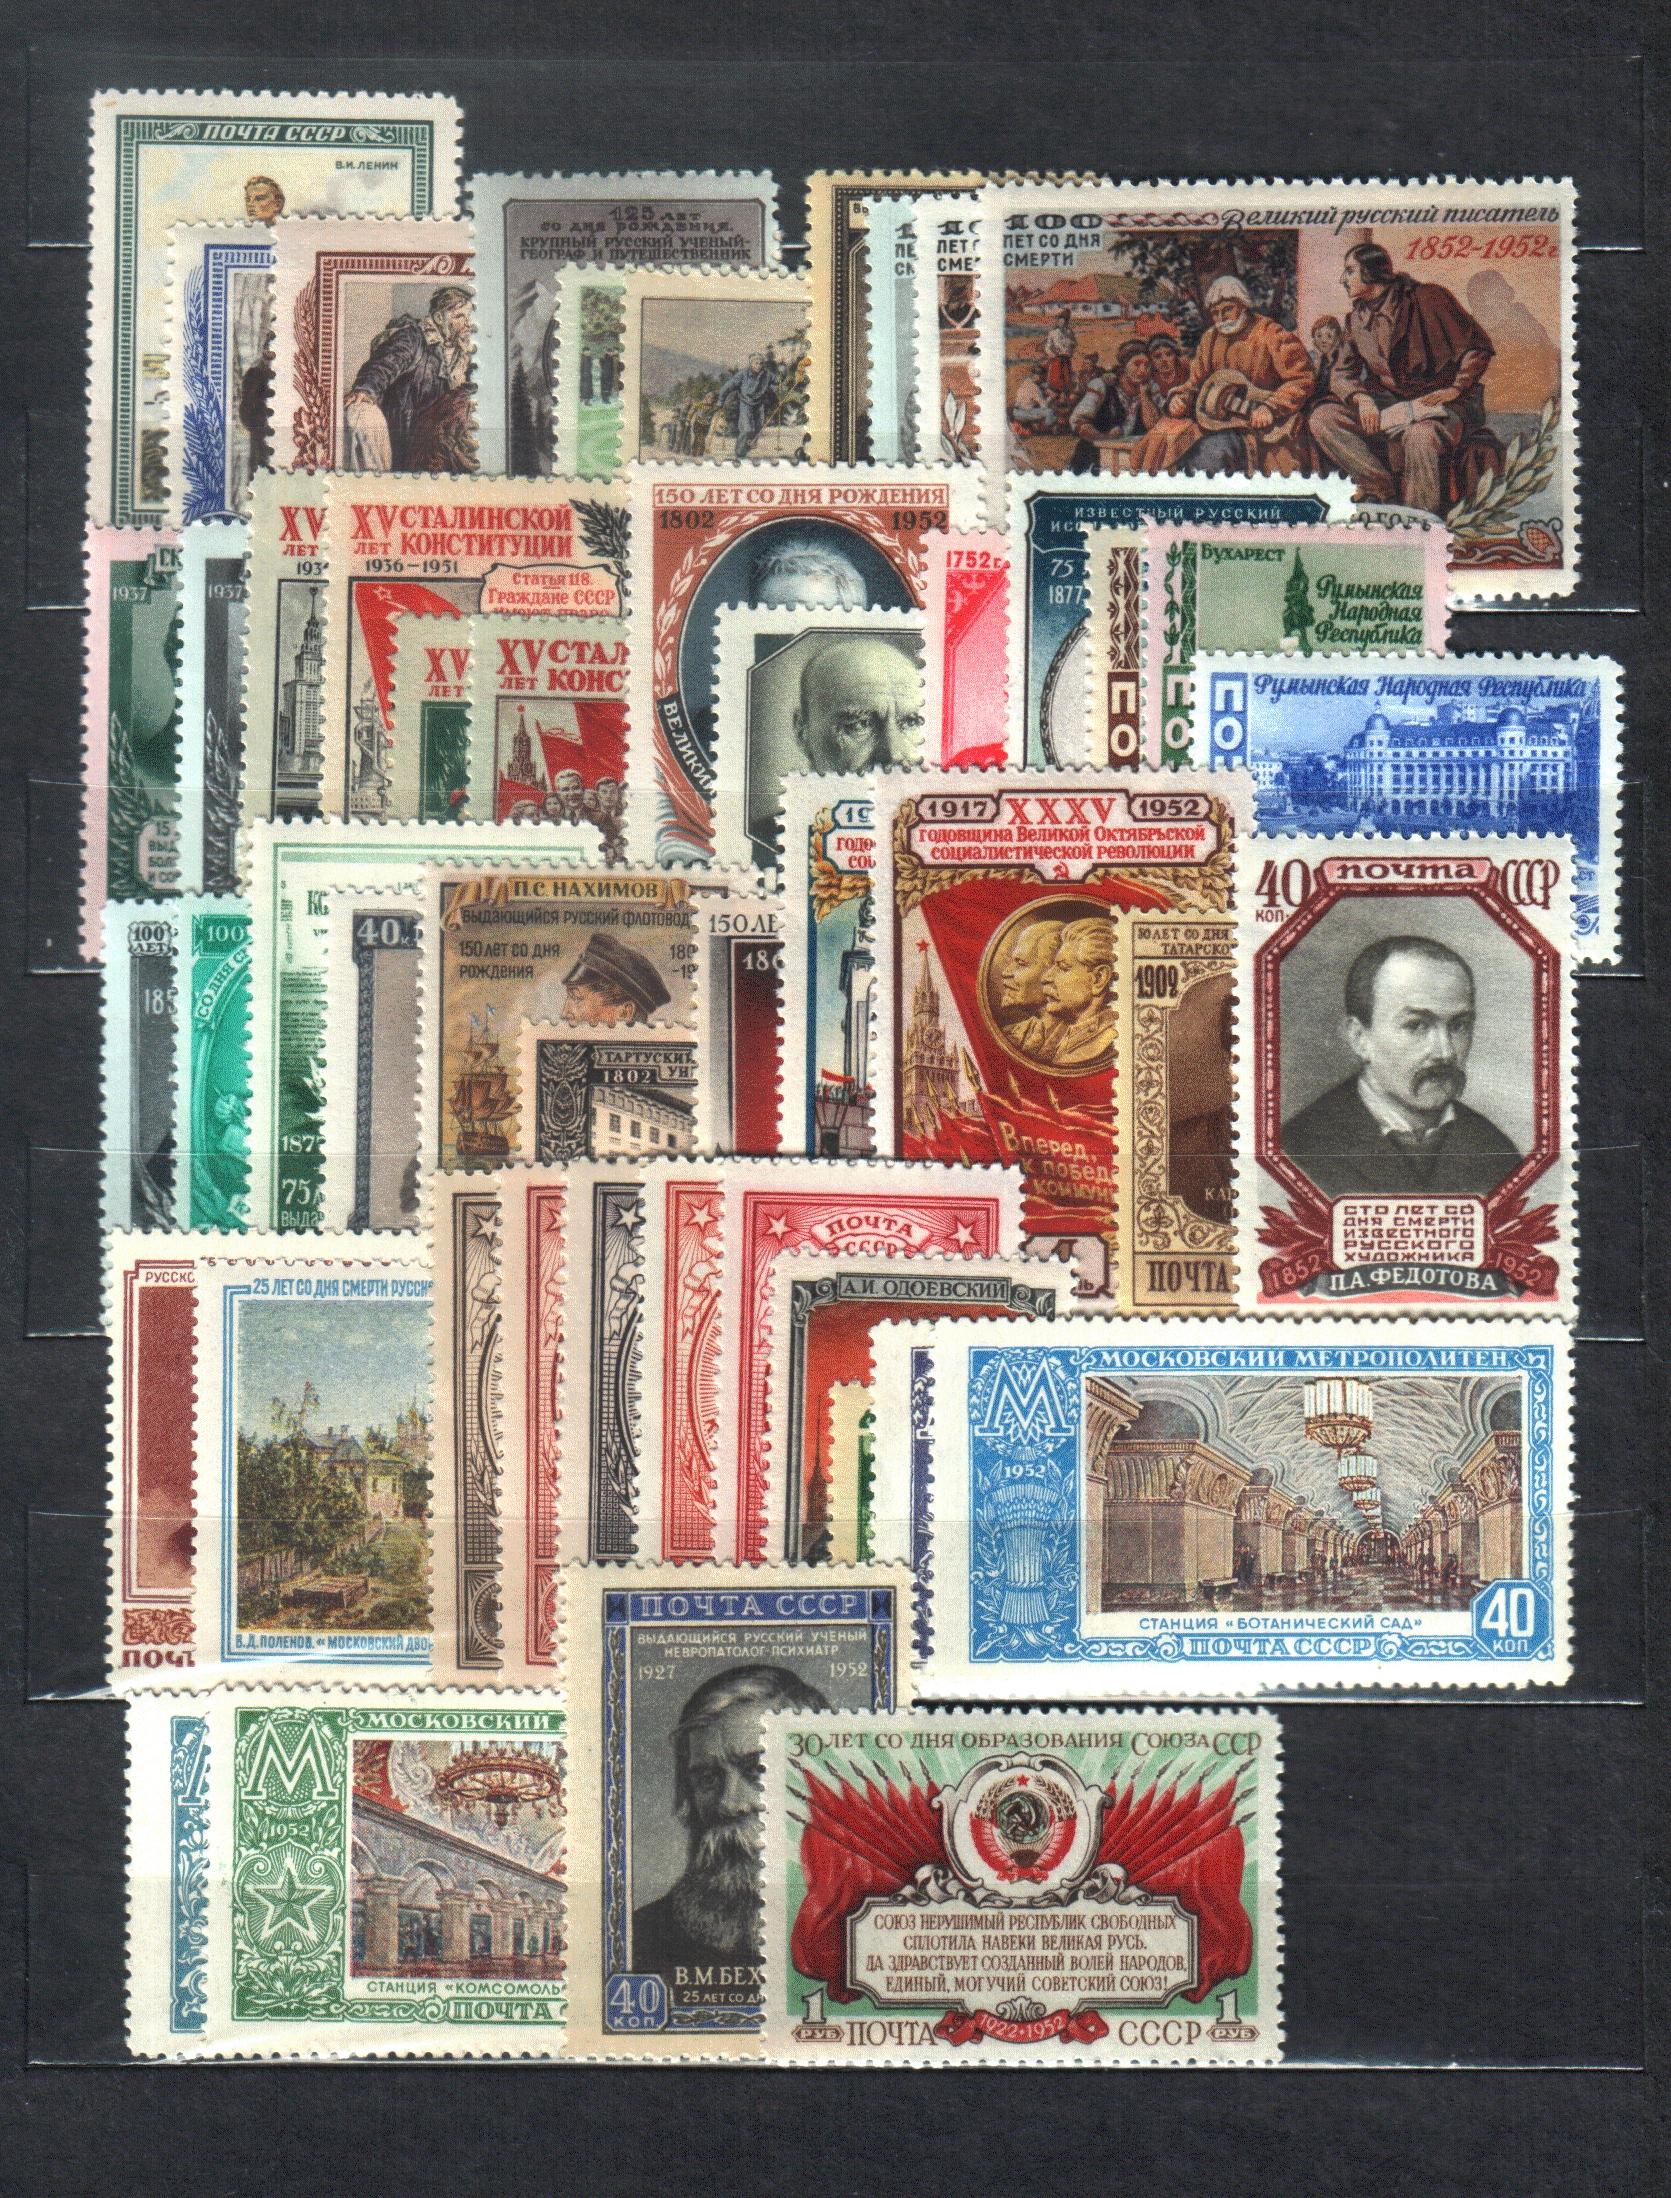 Годовой набор почтовых марок СССР 1952 год, 49 марок.